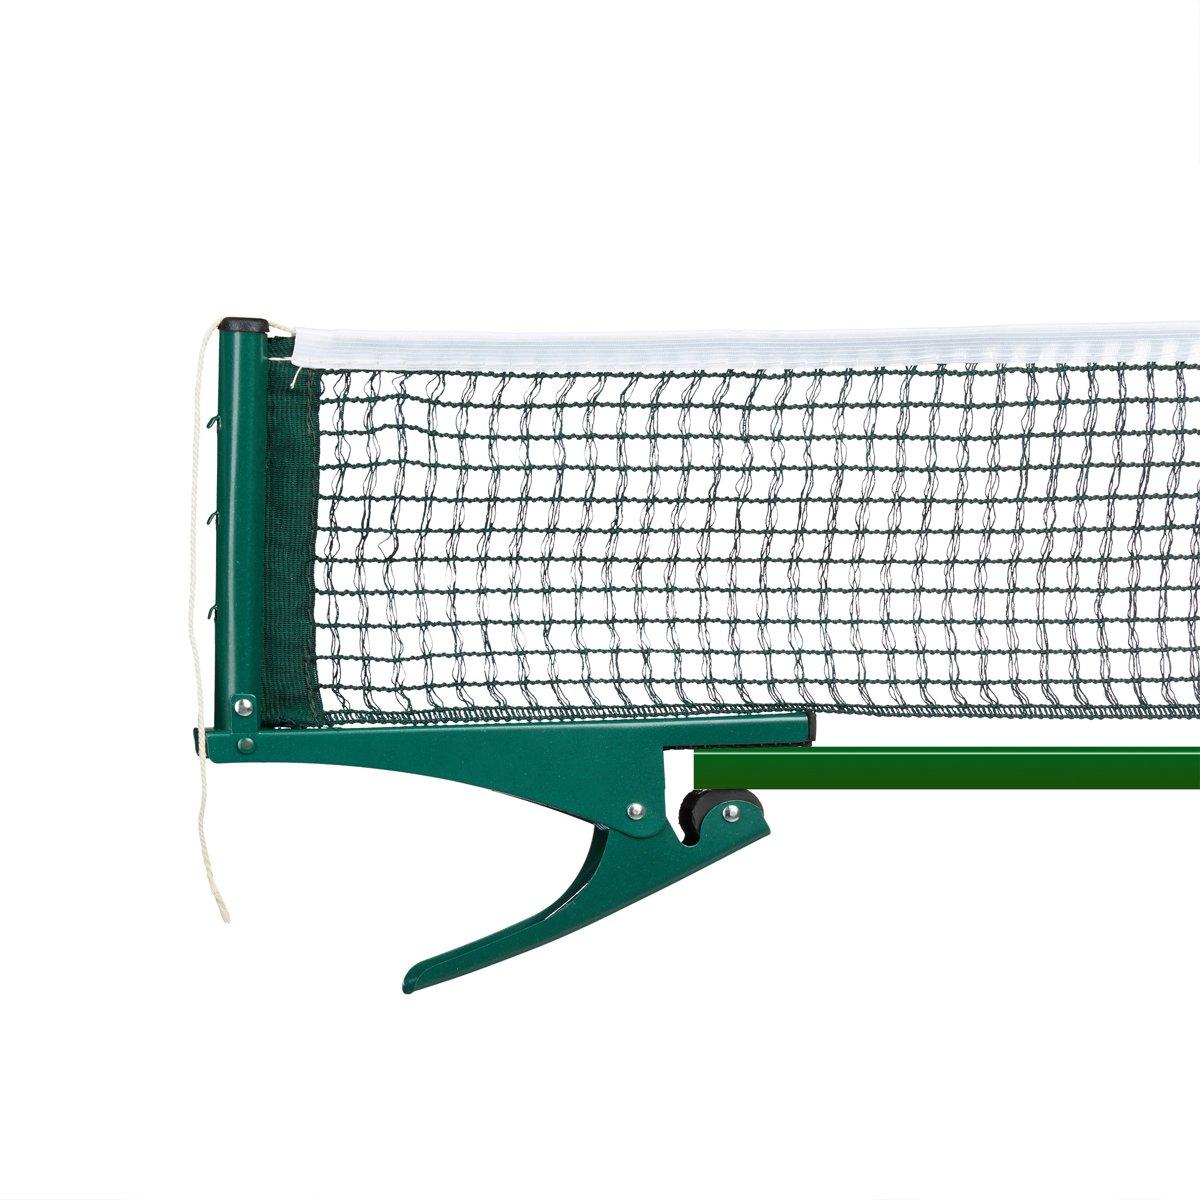 relaxdays - tafeltennisnet van polyethyleen met clips - waterafstotend - groen